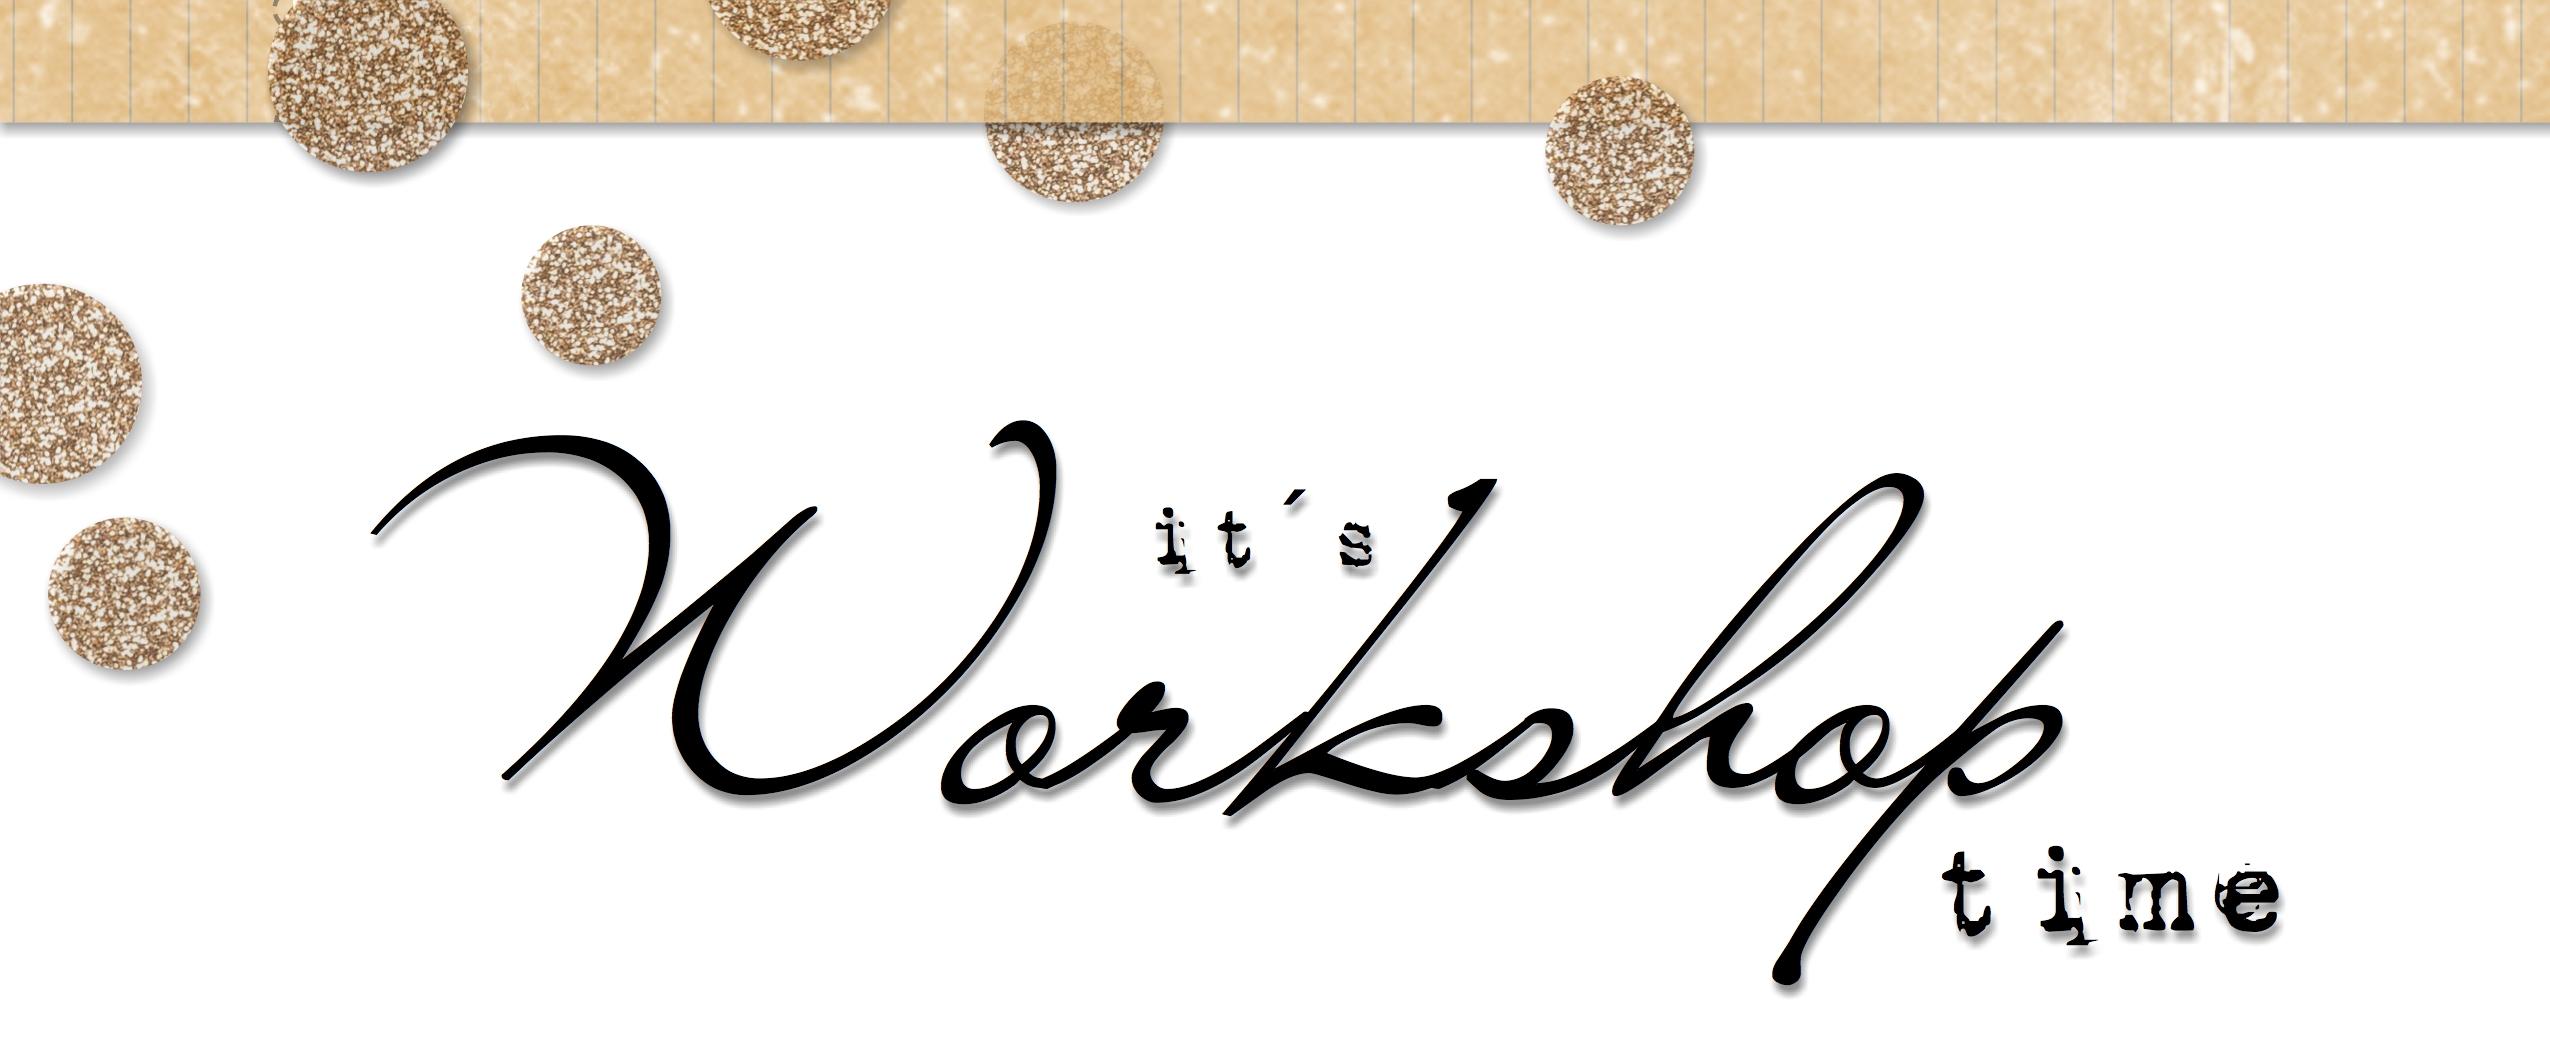 WorkshopLogo-001